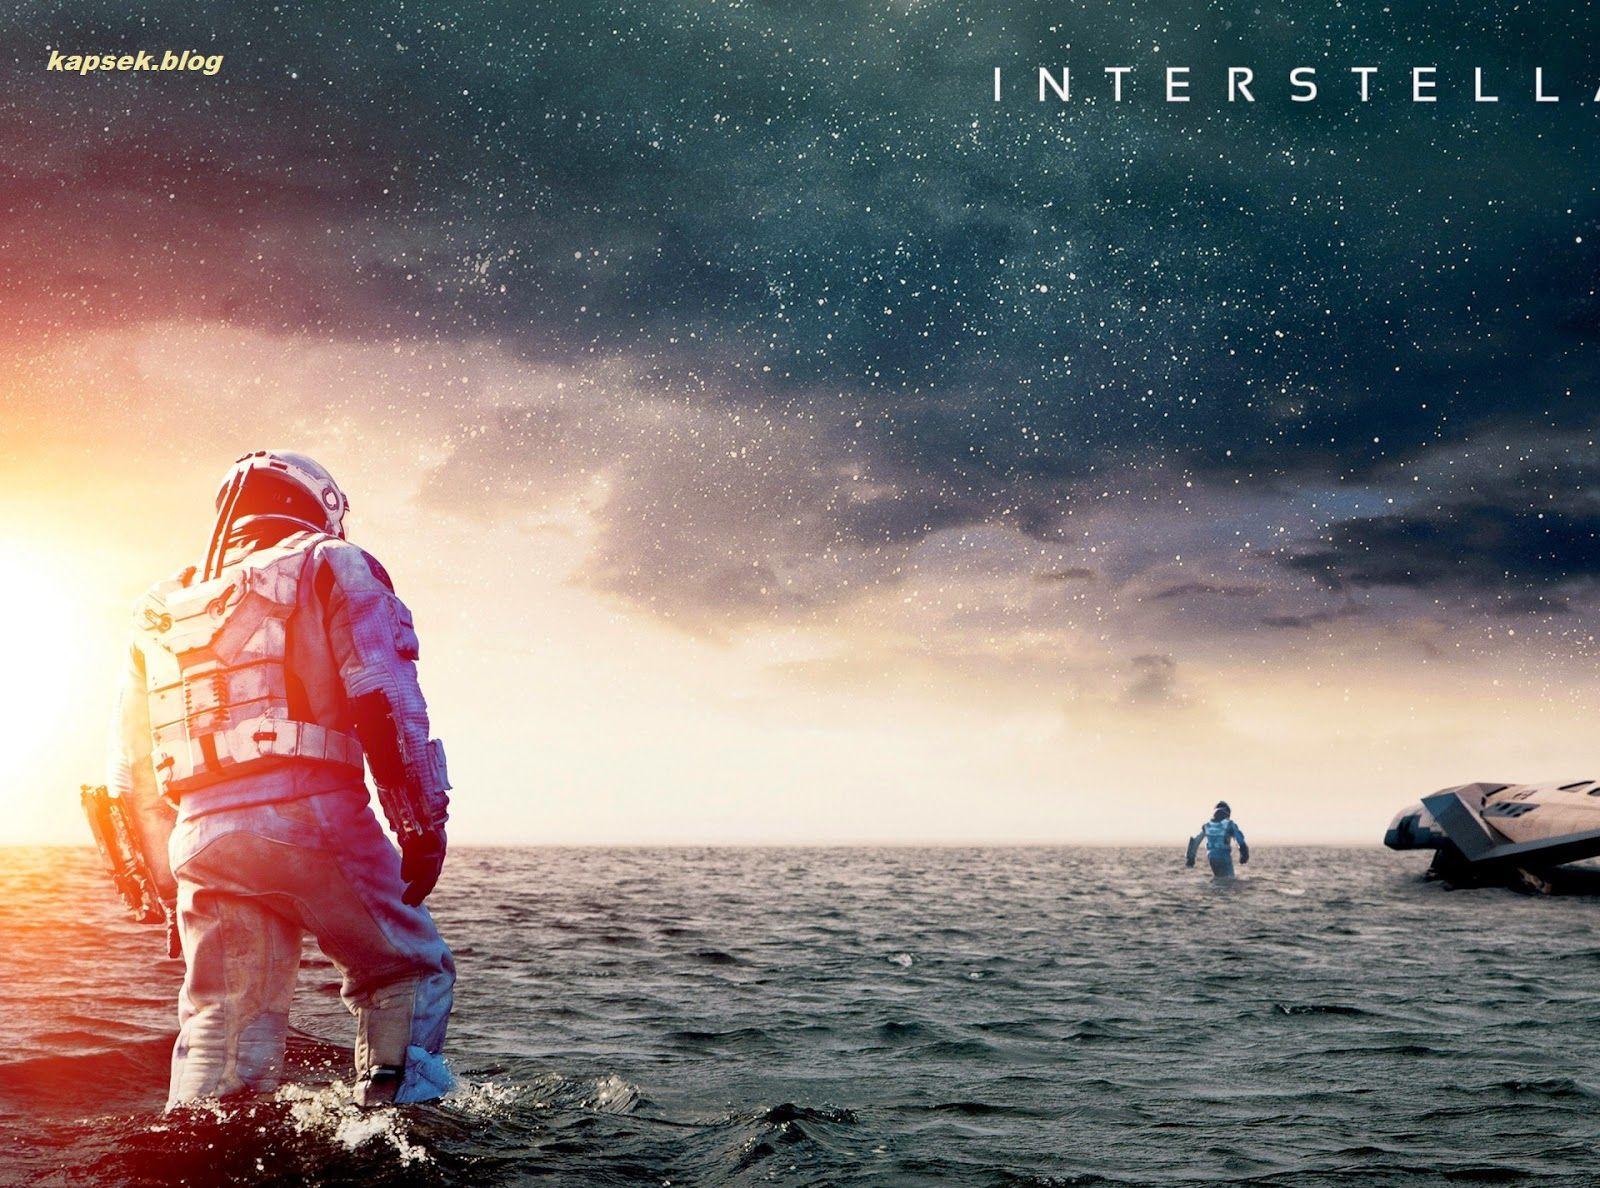 Interstellar 2014 Watch Movie Online Relasind Date Movie